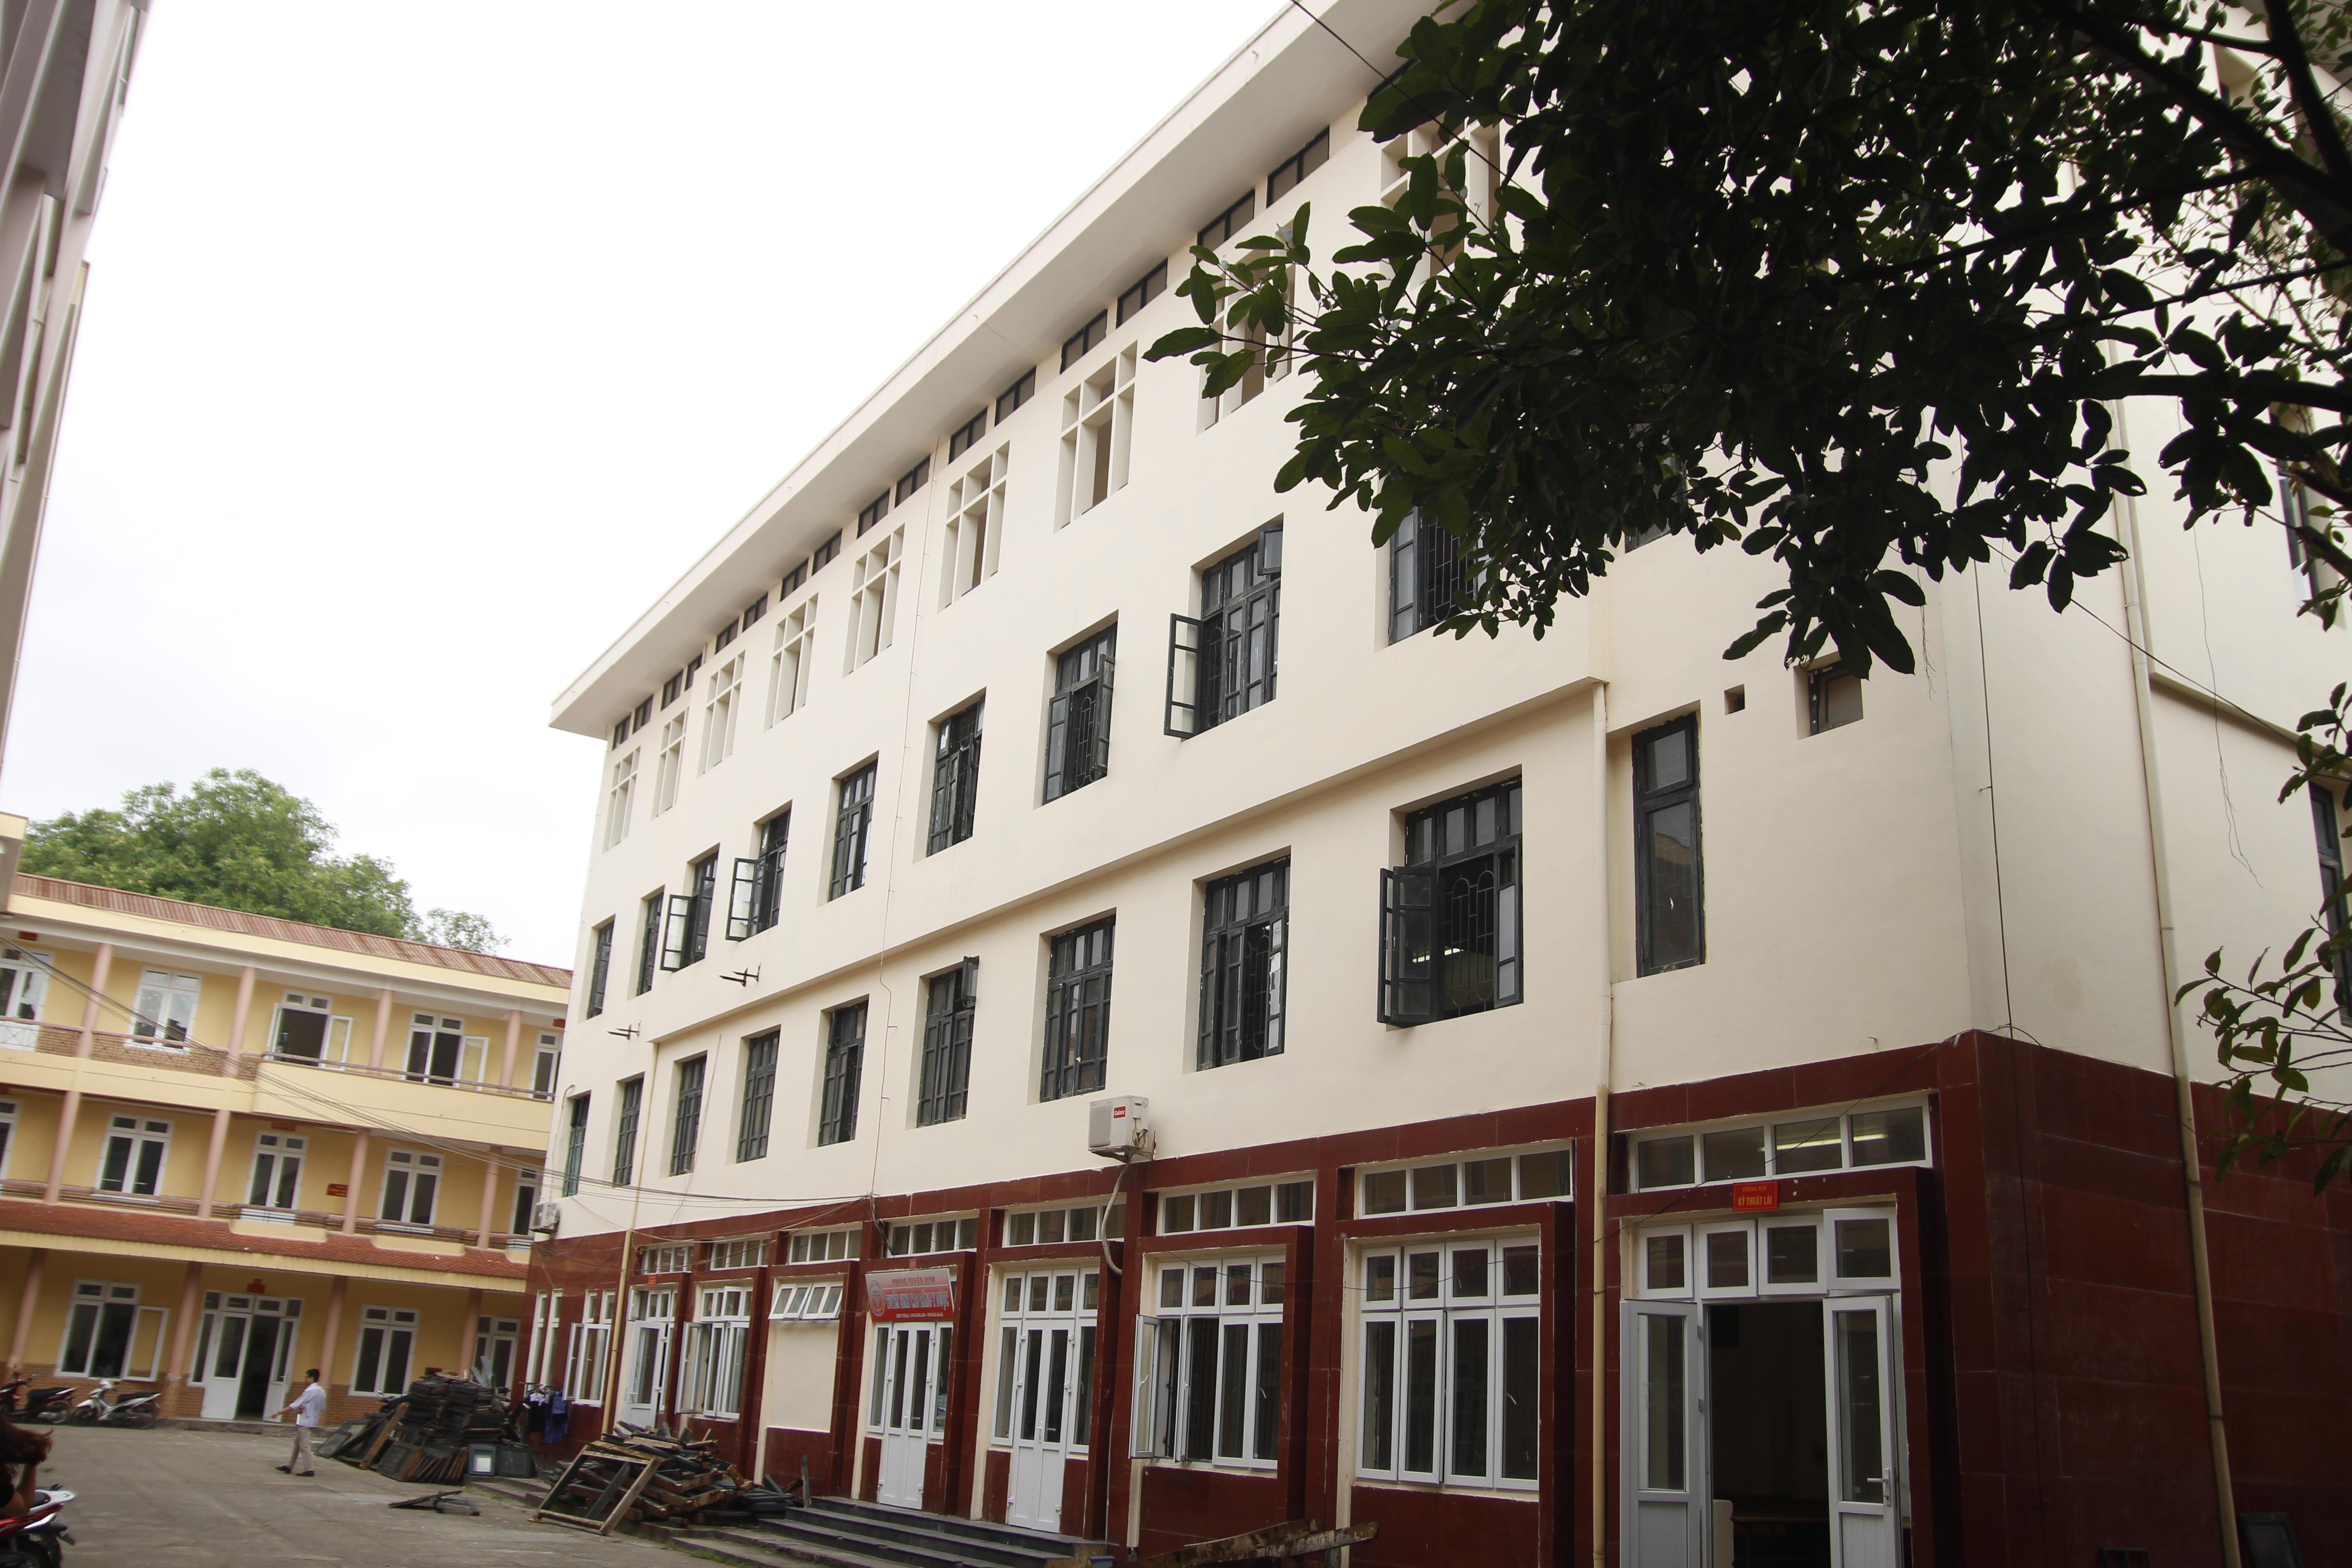 Tuyển sinh Liên thông Cao đẳng Điều dưỡng tại Hà Nội